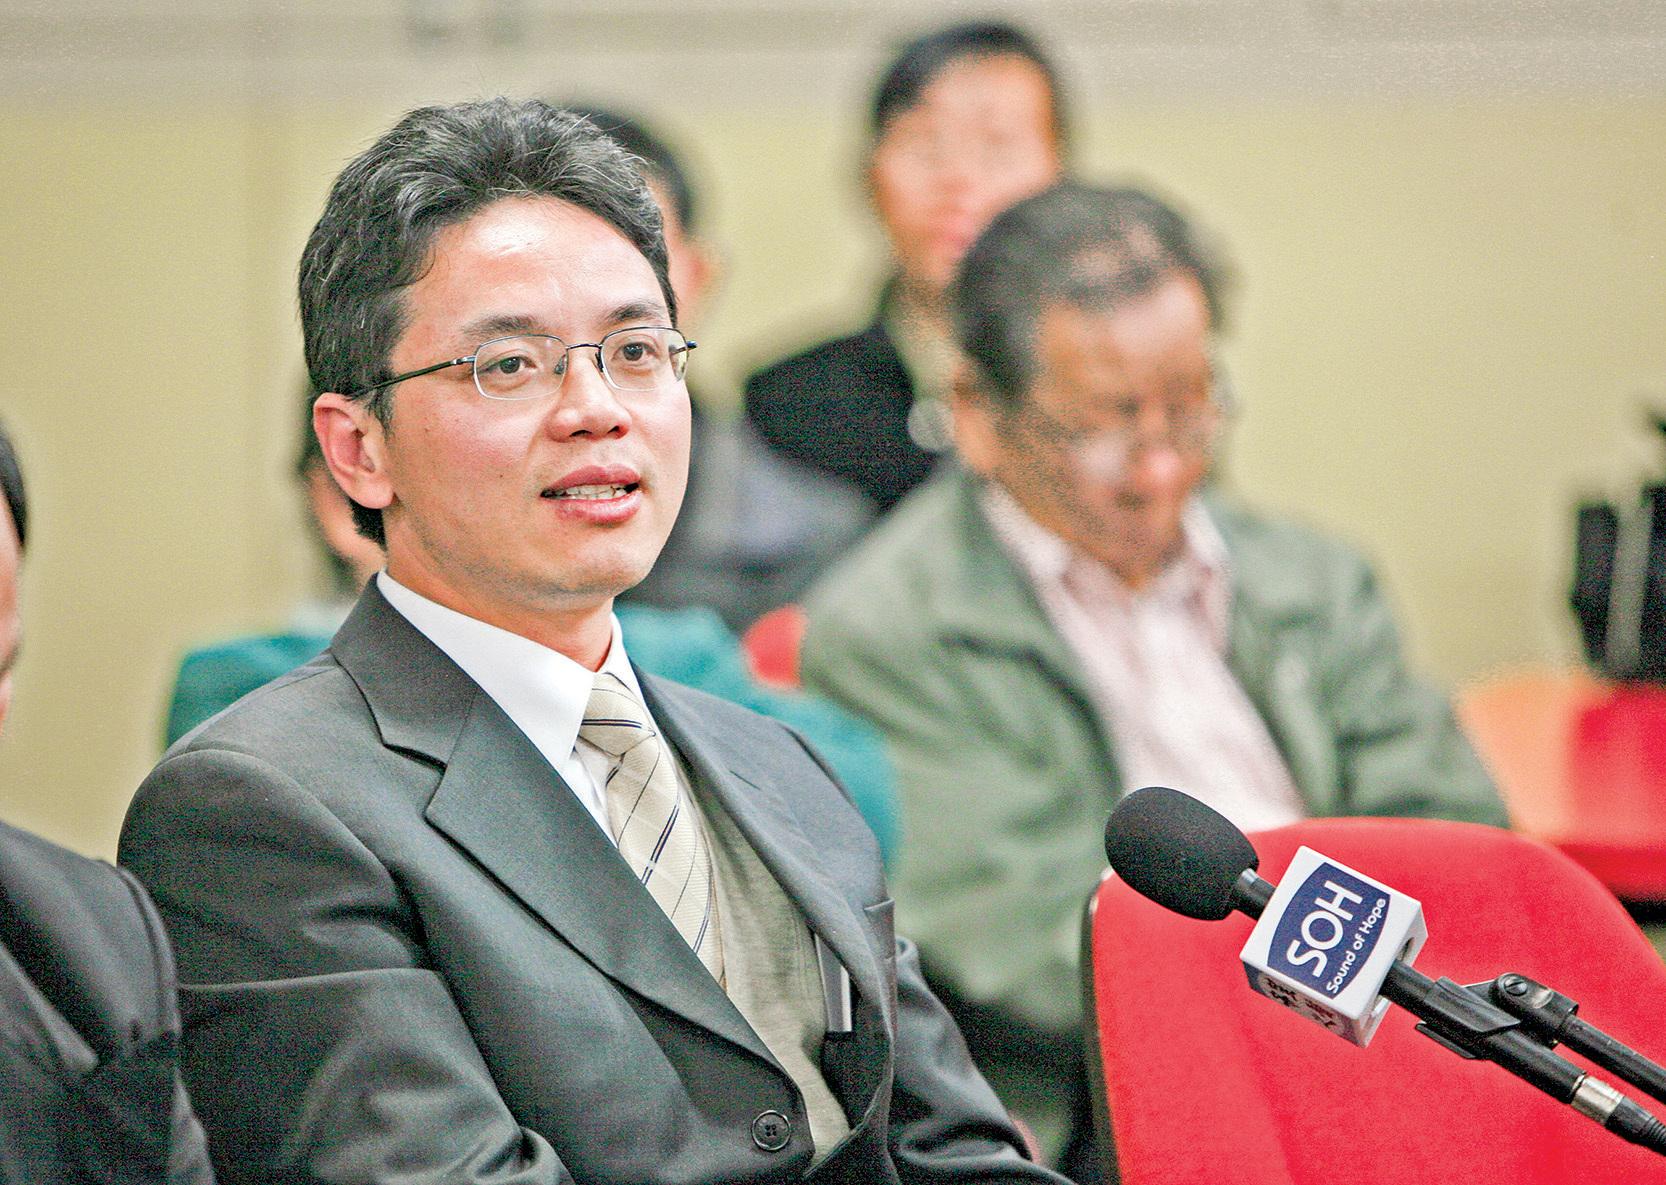 前中共外交官陳用林先生表示,中共拿下香港後,下一個目標就是台灣。(陳明 / 大紀元)